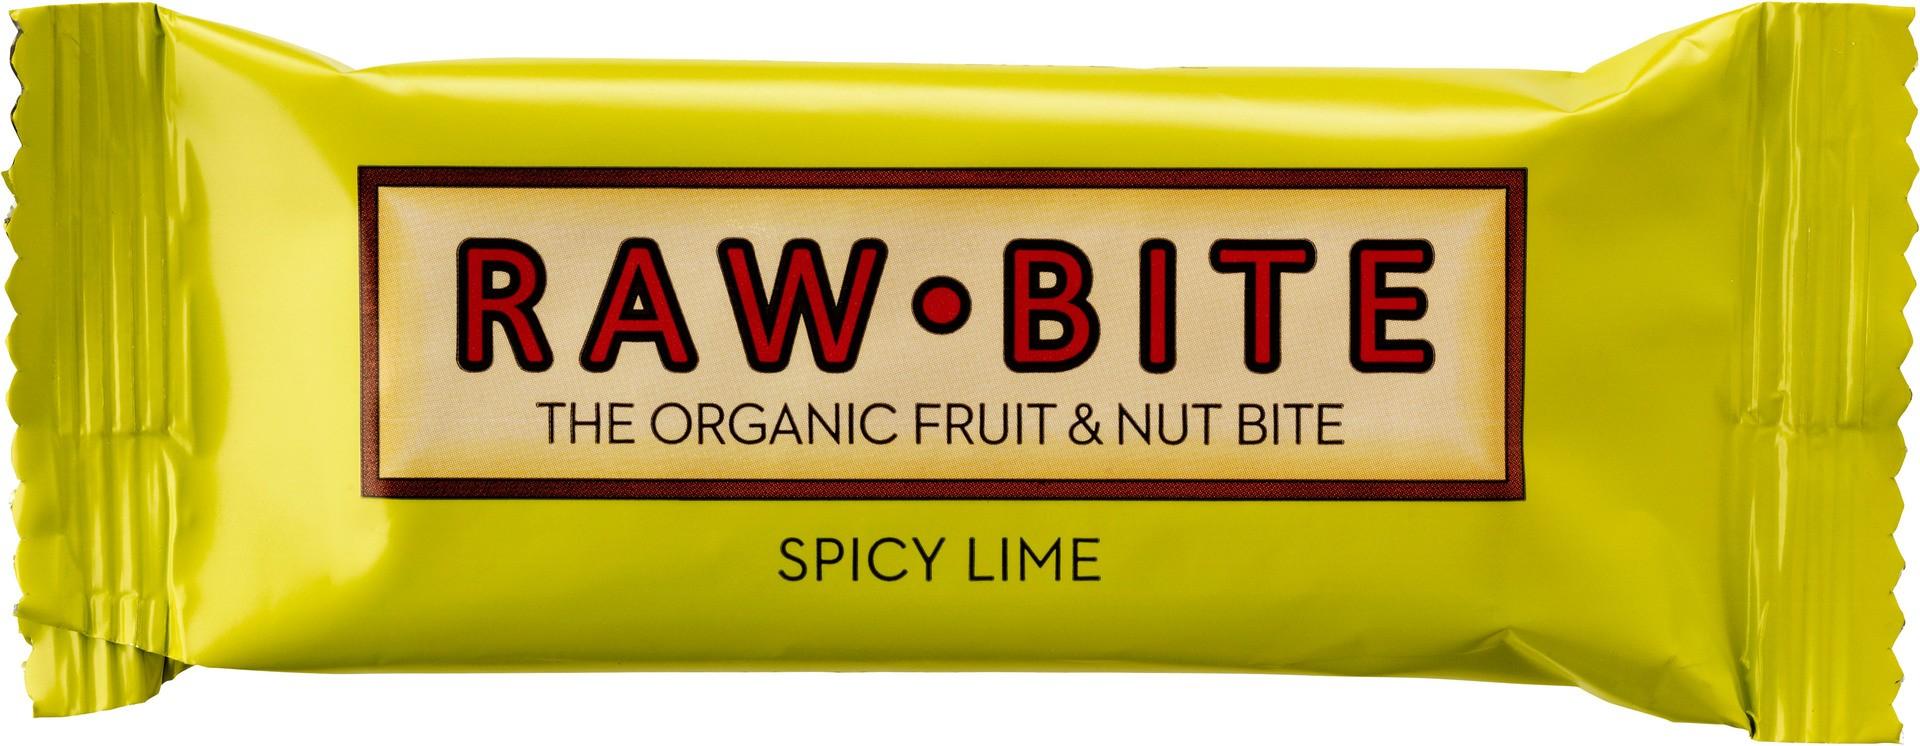 Biologische raw.bite Fruit & nut bite spicy lime 50 gr